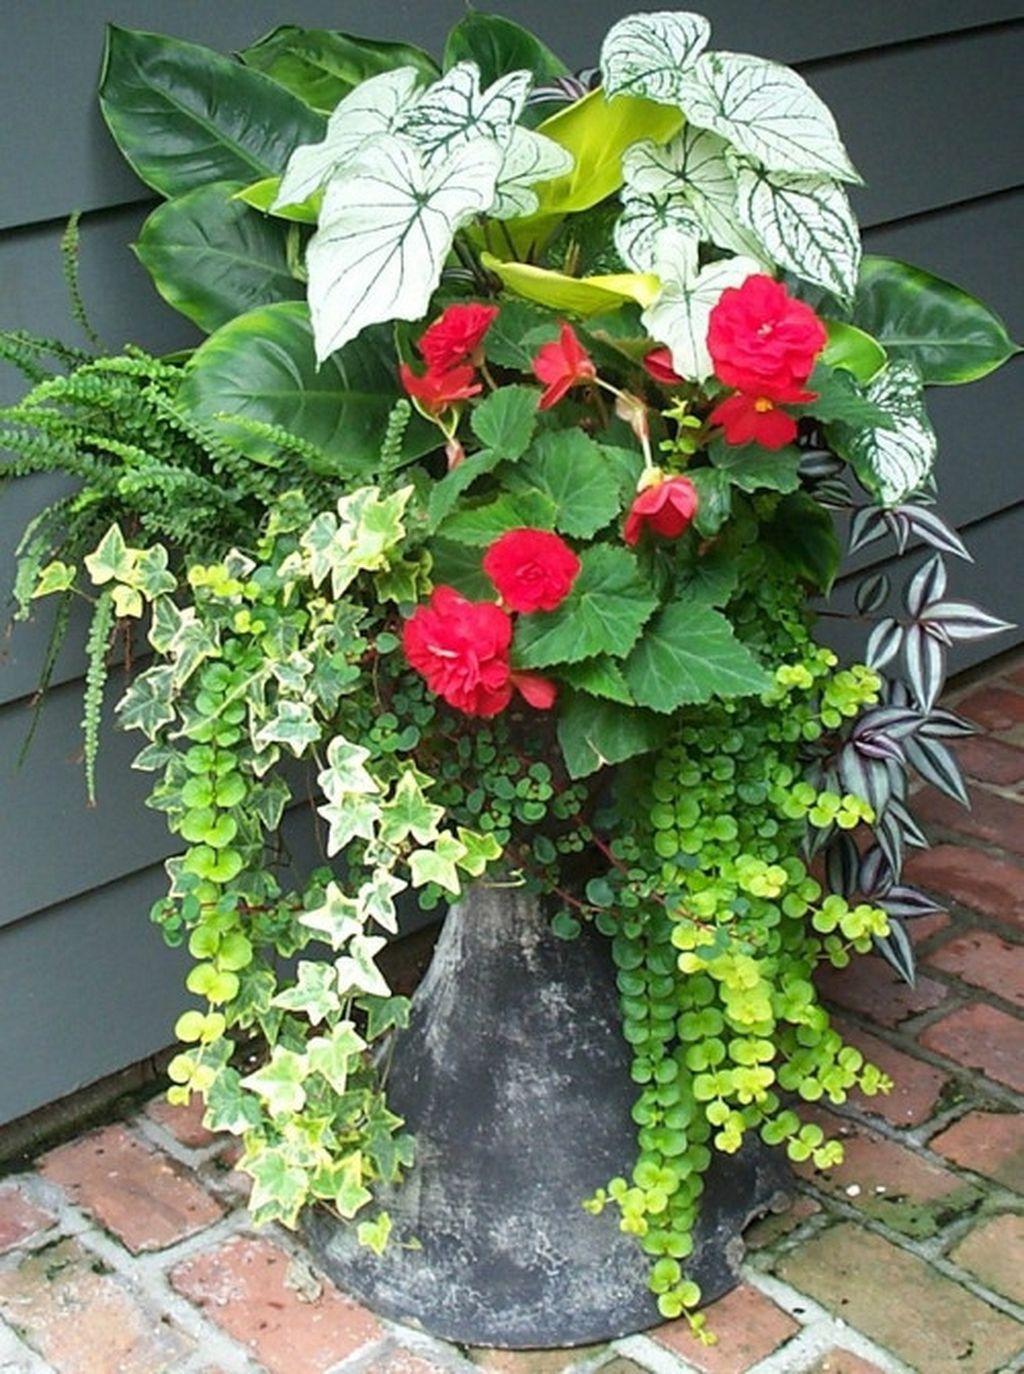 Awesome 10+ Creative Garden Container Ideas https://gardenmagz.com ...